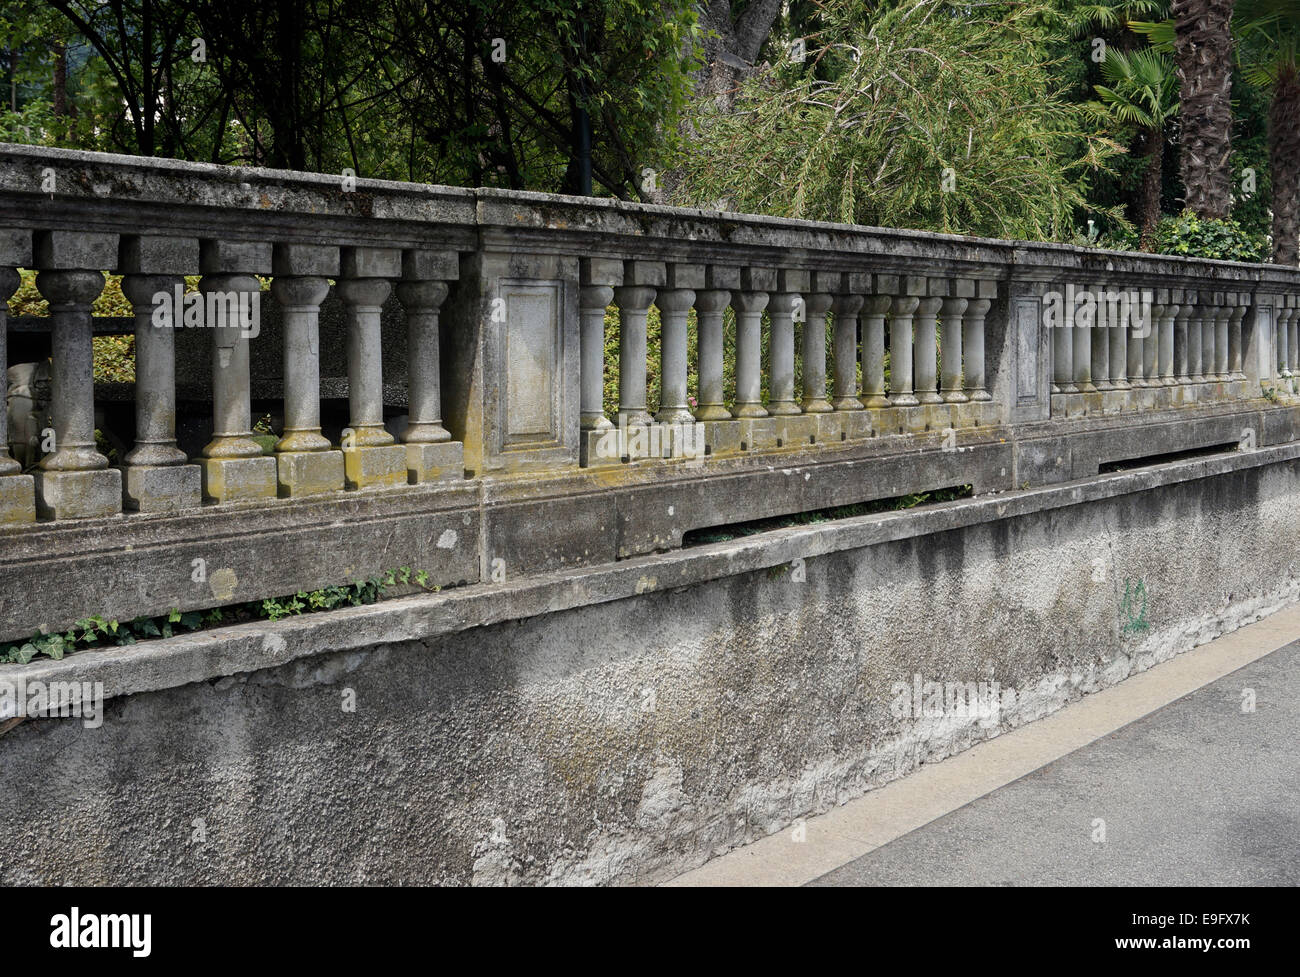 Garten Geländer Stockfoto Bild 74723255 Alamy